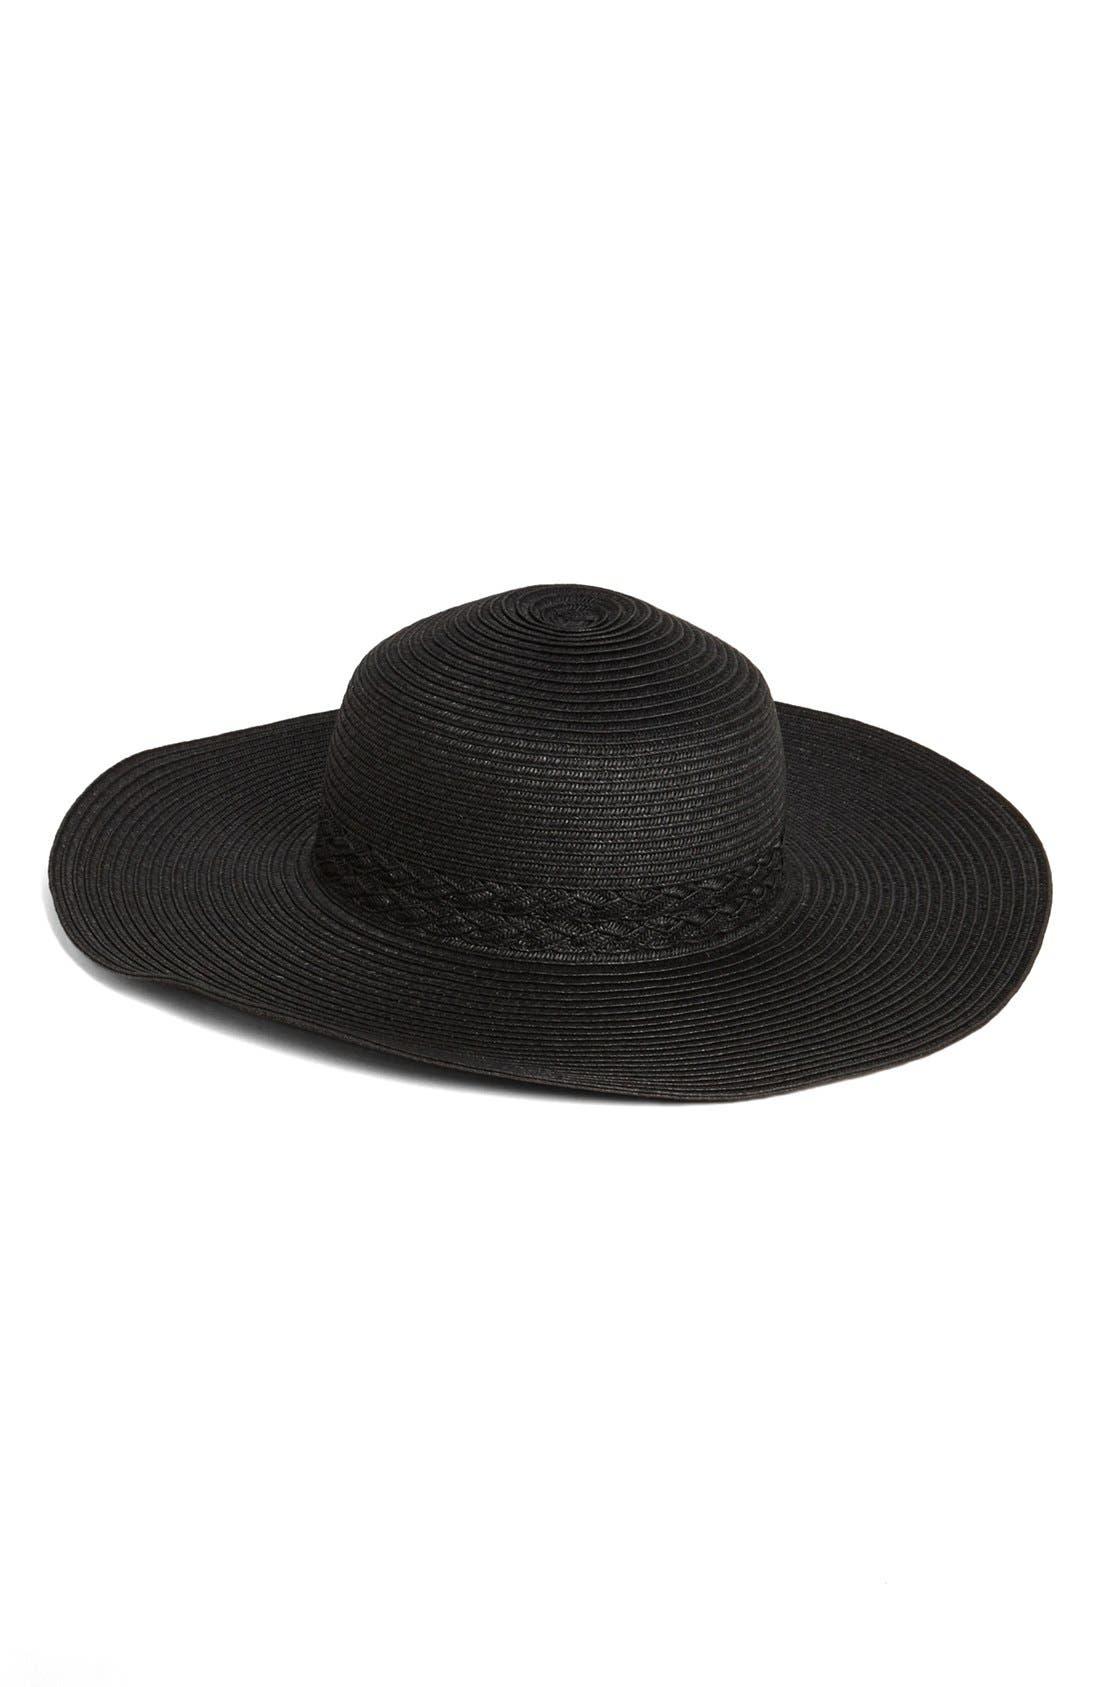 Alternate Image 1 Selected - Nordstrom Wide Brim Hat